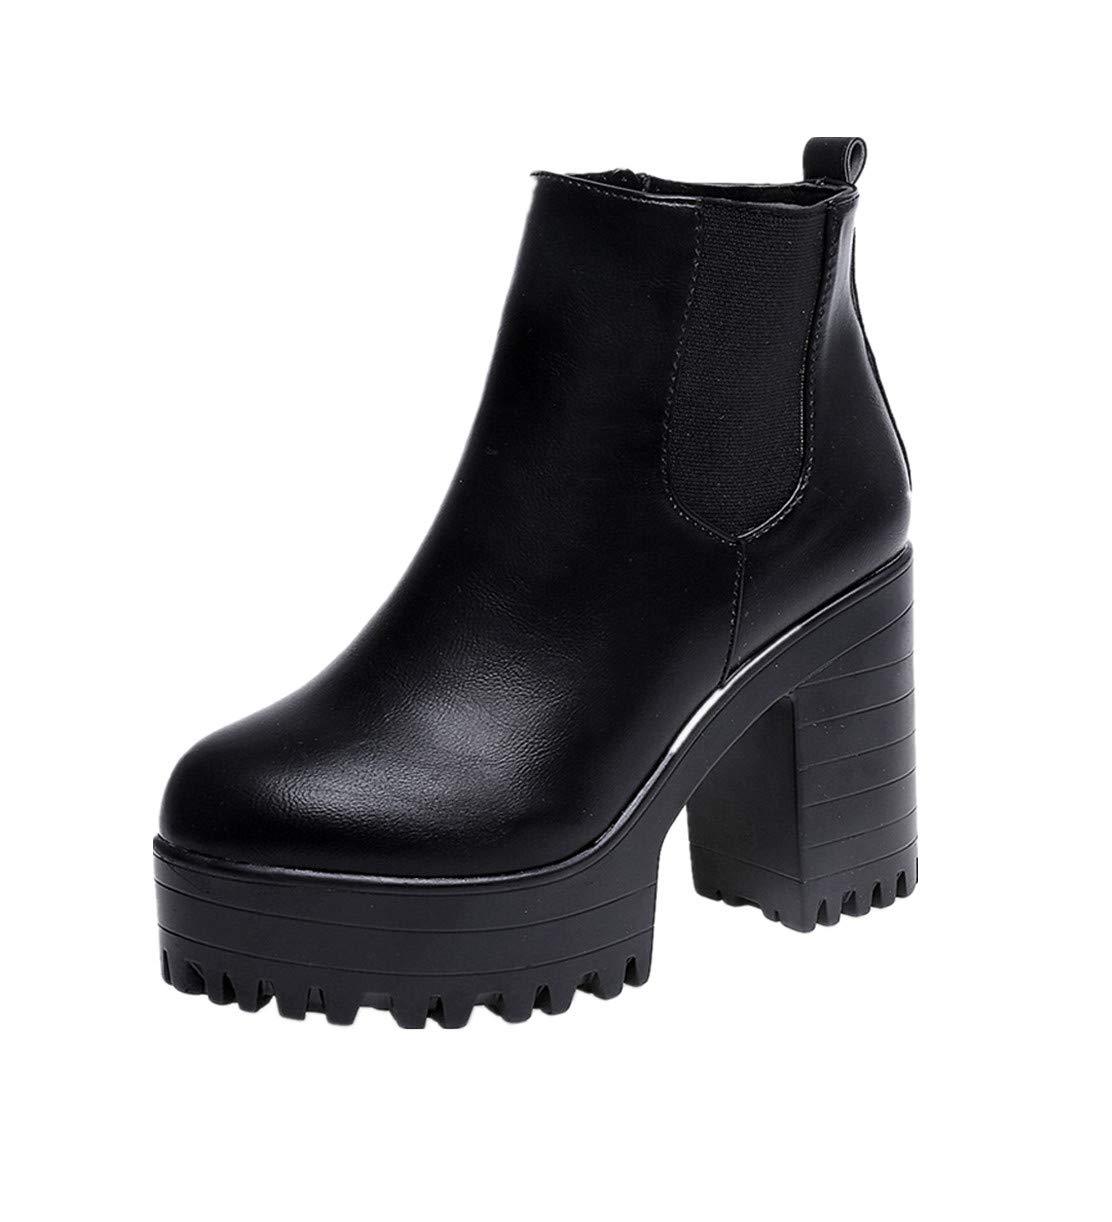 Sunnywill-Chaussures fFemme mperméables et B012OBQCEK Bottes Femme Femmes en Velours, Bottes des Martin à Tête Ronde, Bottes d hiver des Femmes Noir a1fcabd - automaticcouplings.space